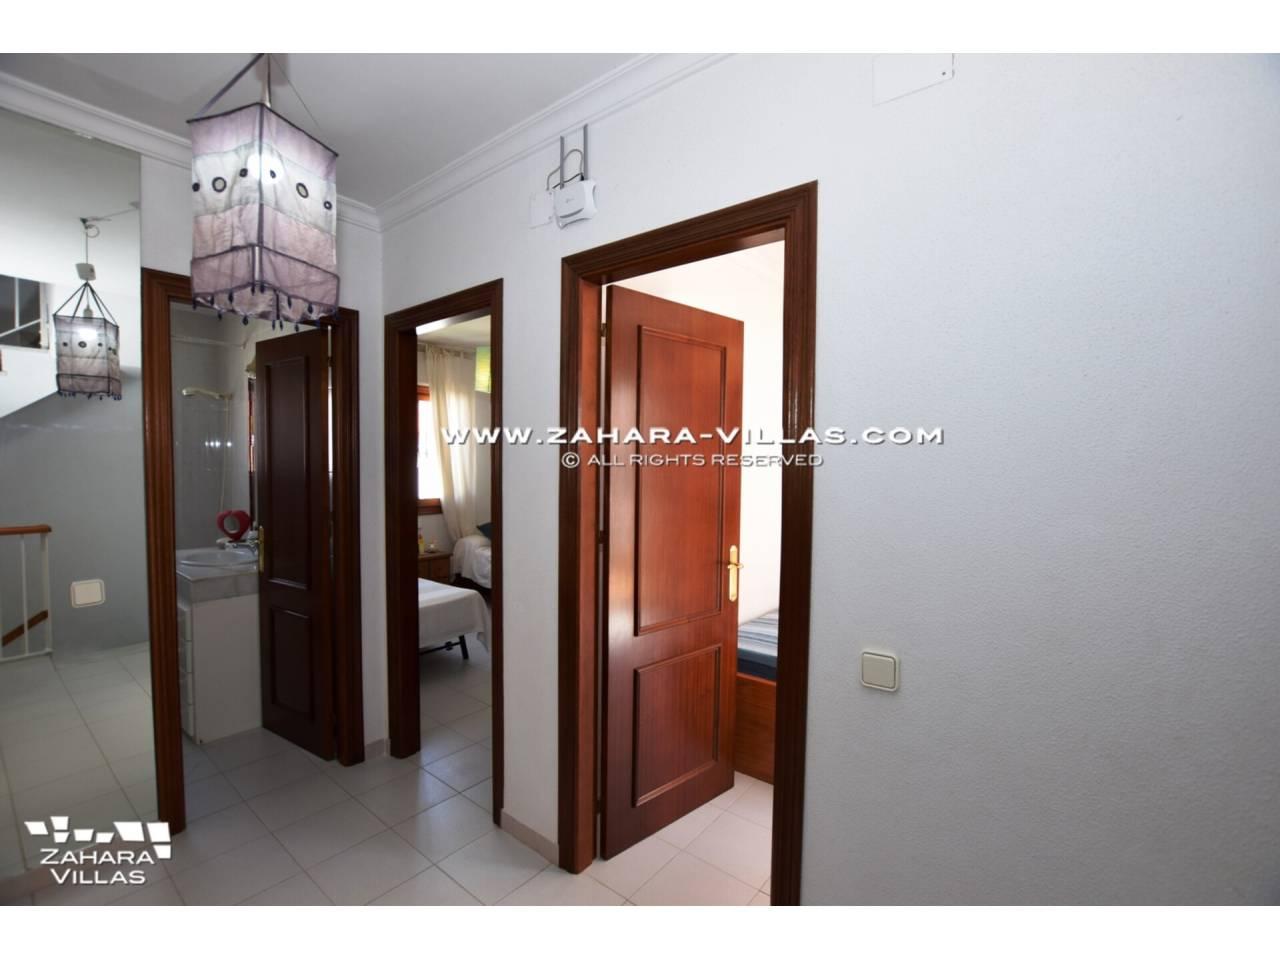 Imagen 24 de Casa en venta en segunda línea de playa, con vistas al mar en Zahara de los Atunes